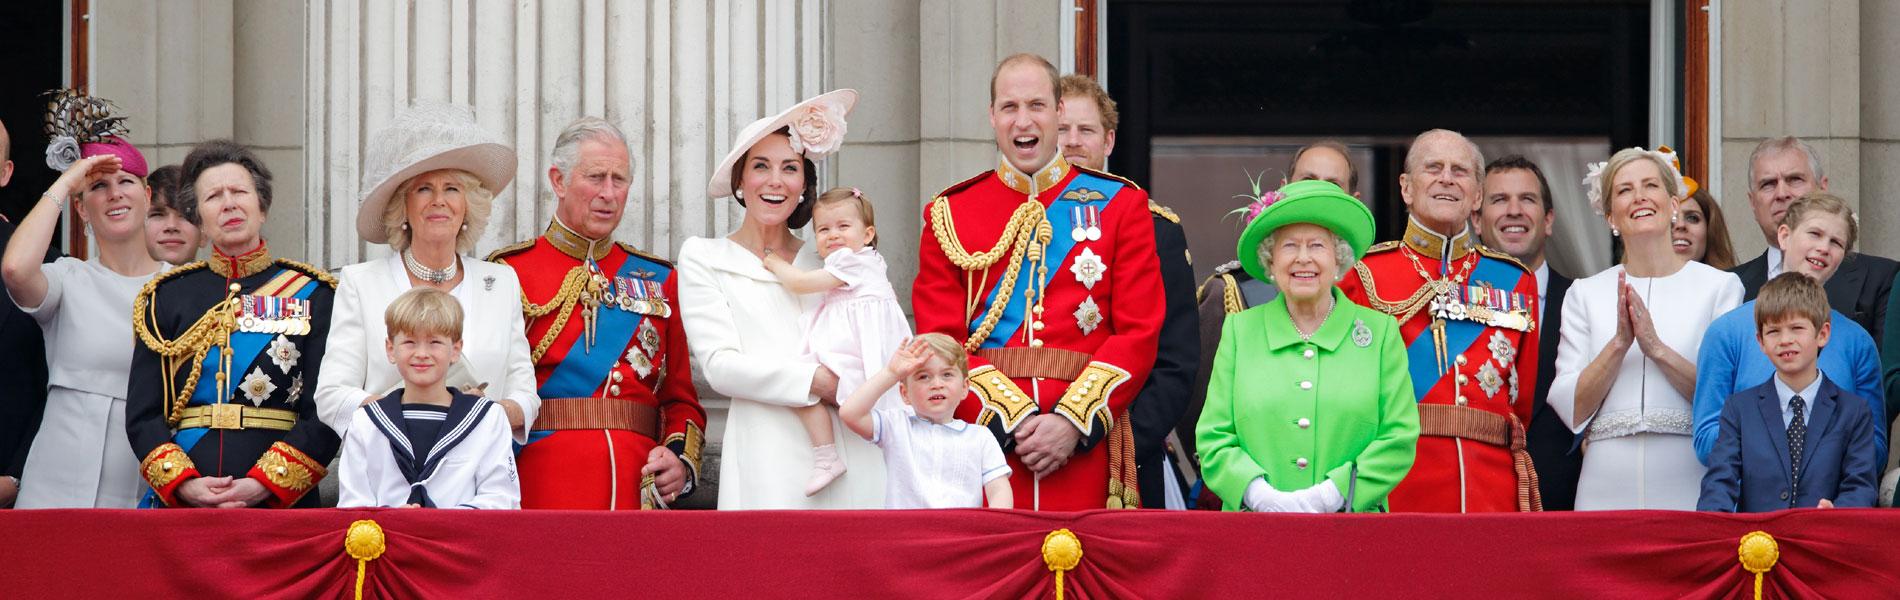 Diana de Gales y el renacer de la Familia Real